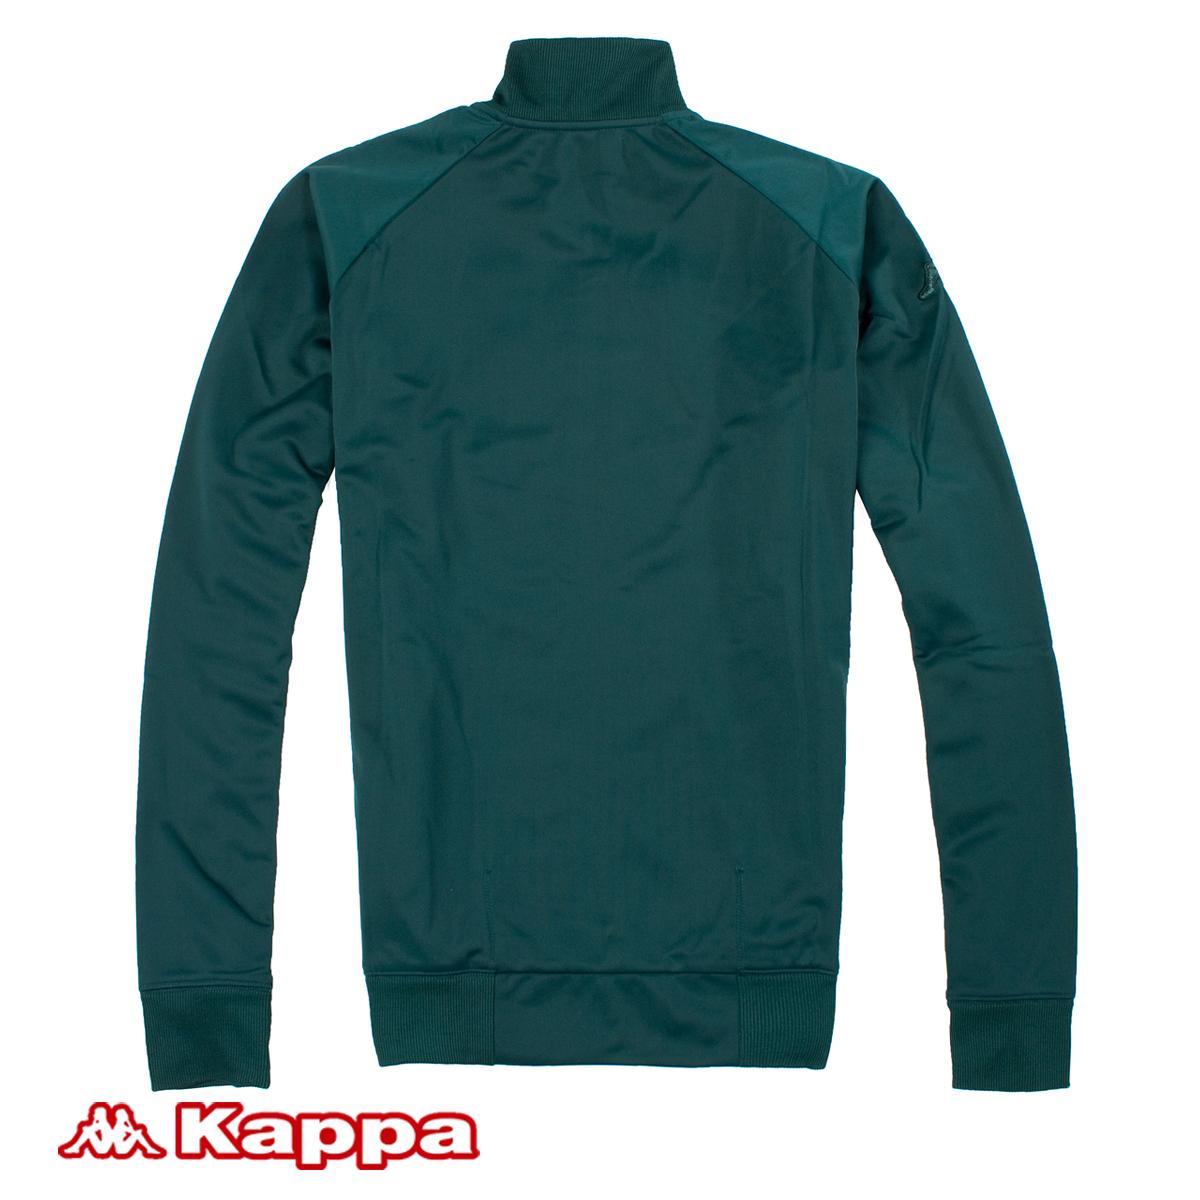 Спортивная толстовка Kappa gk2091wk303/379 ]/* K2091WK303-379 Для мужчин